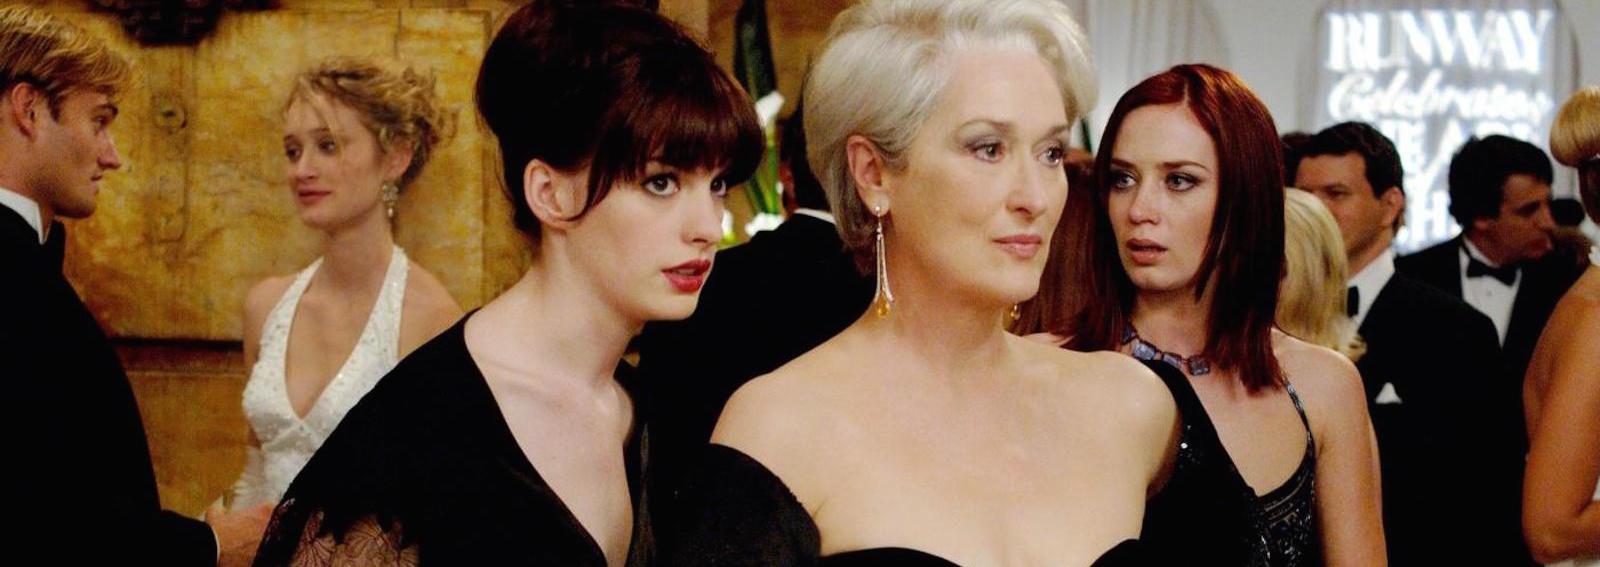 Maryl Streep abito nero